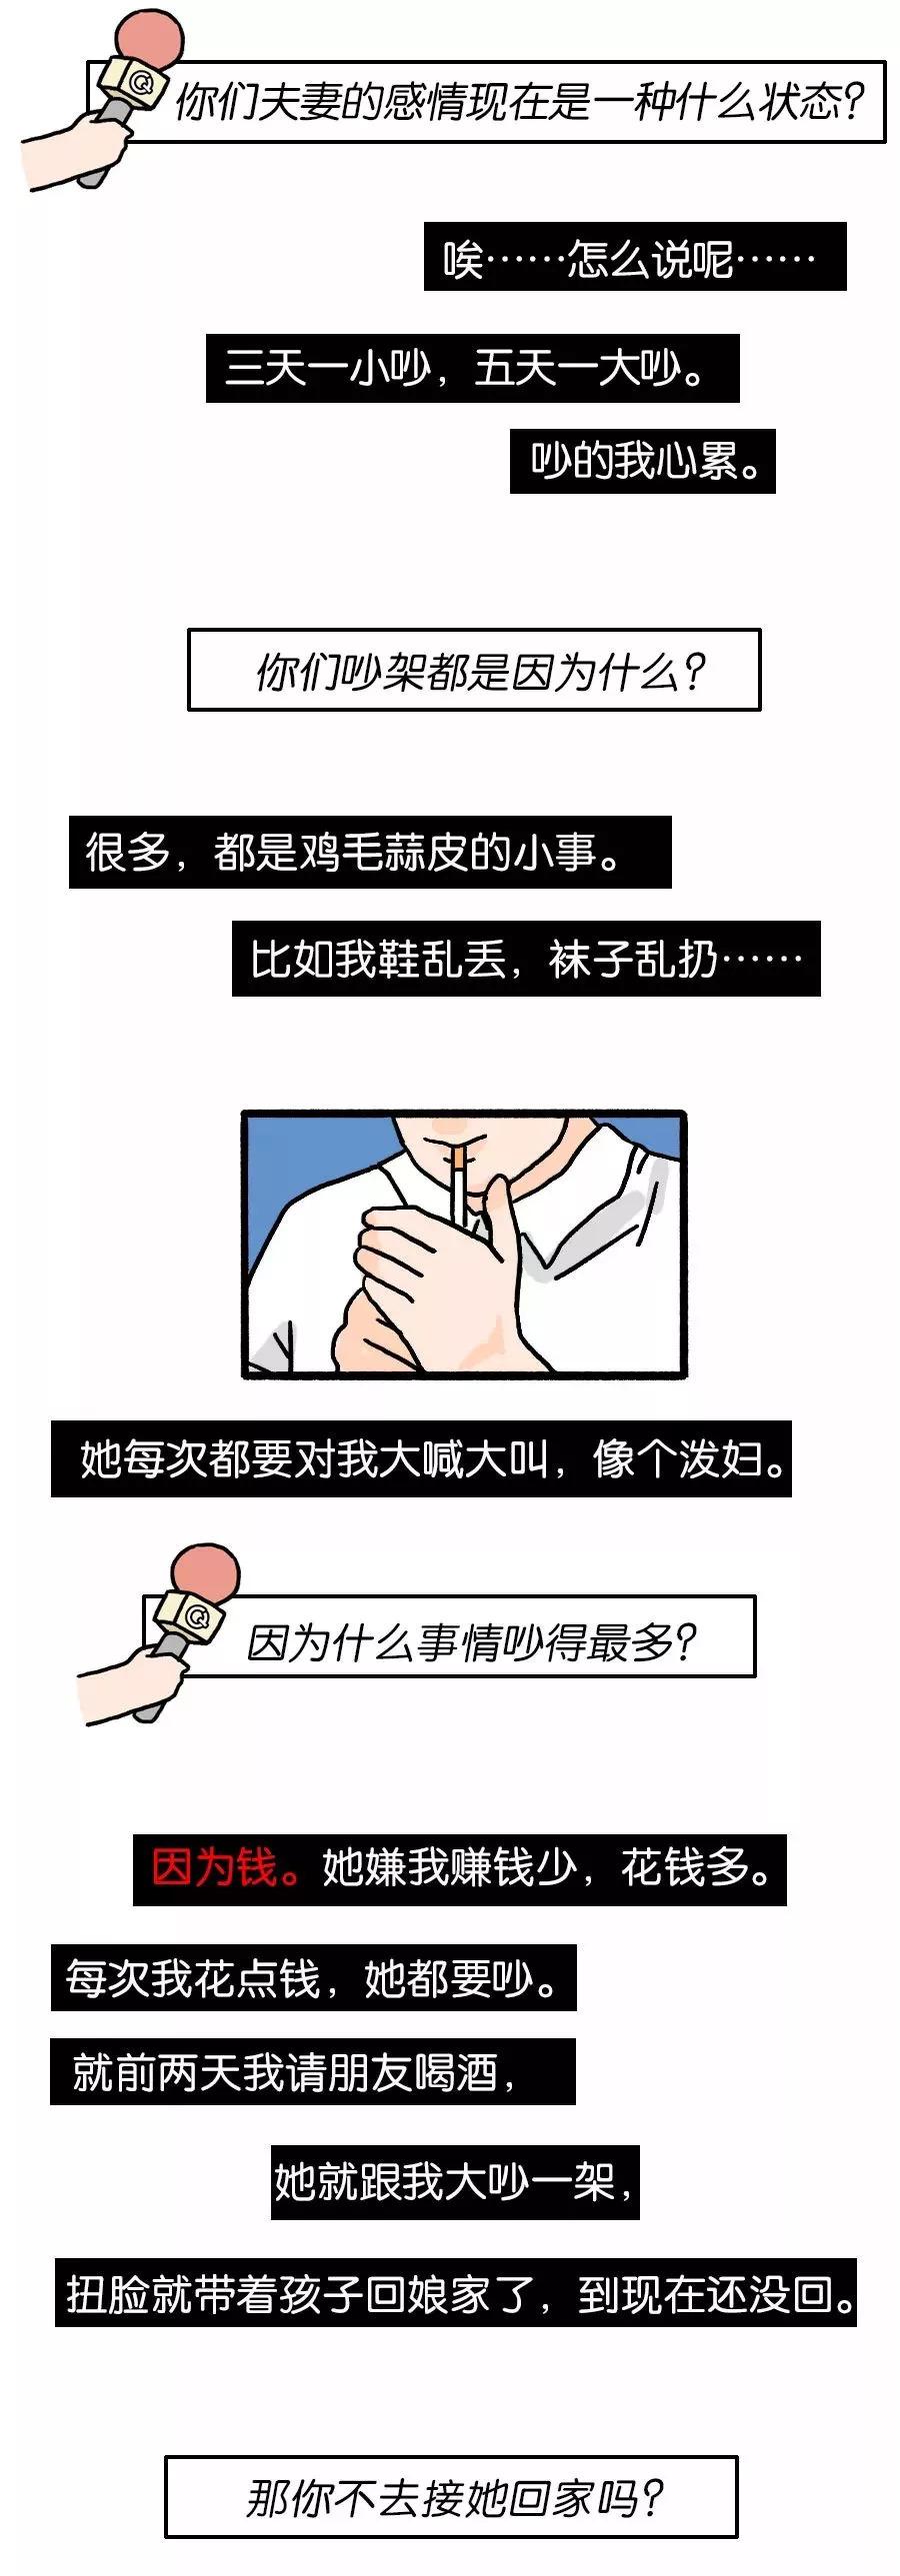 美高梅手机版官方网站 4